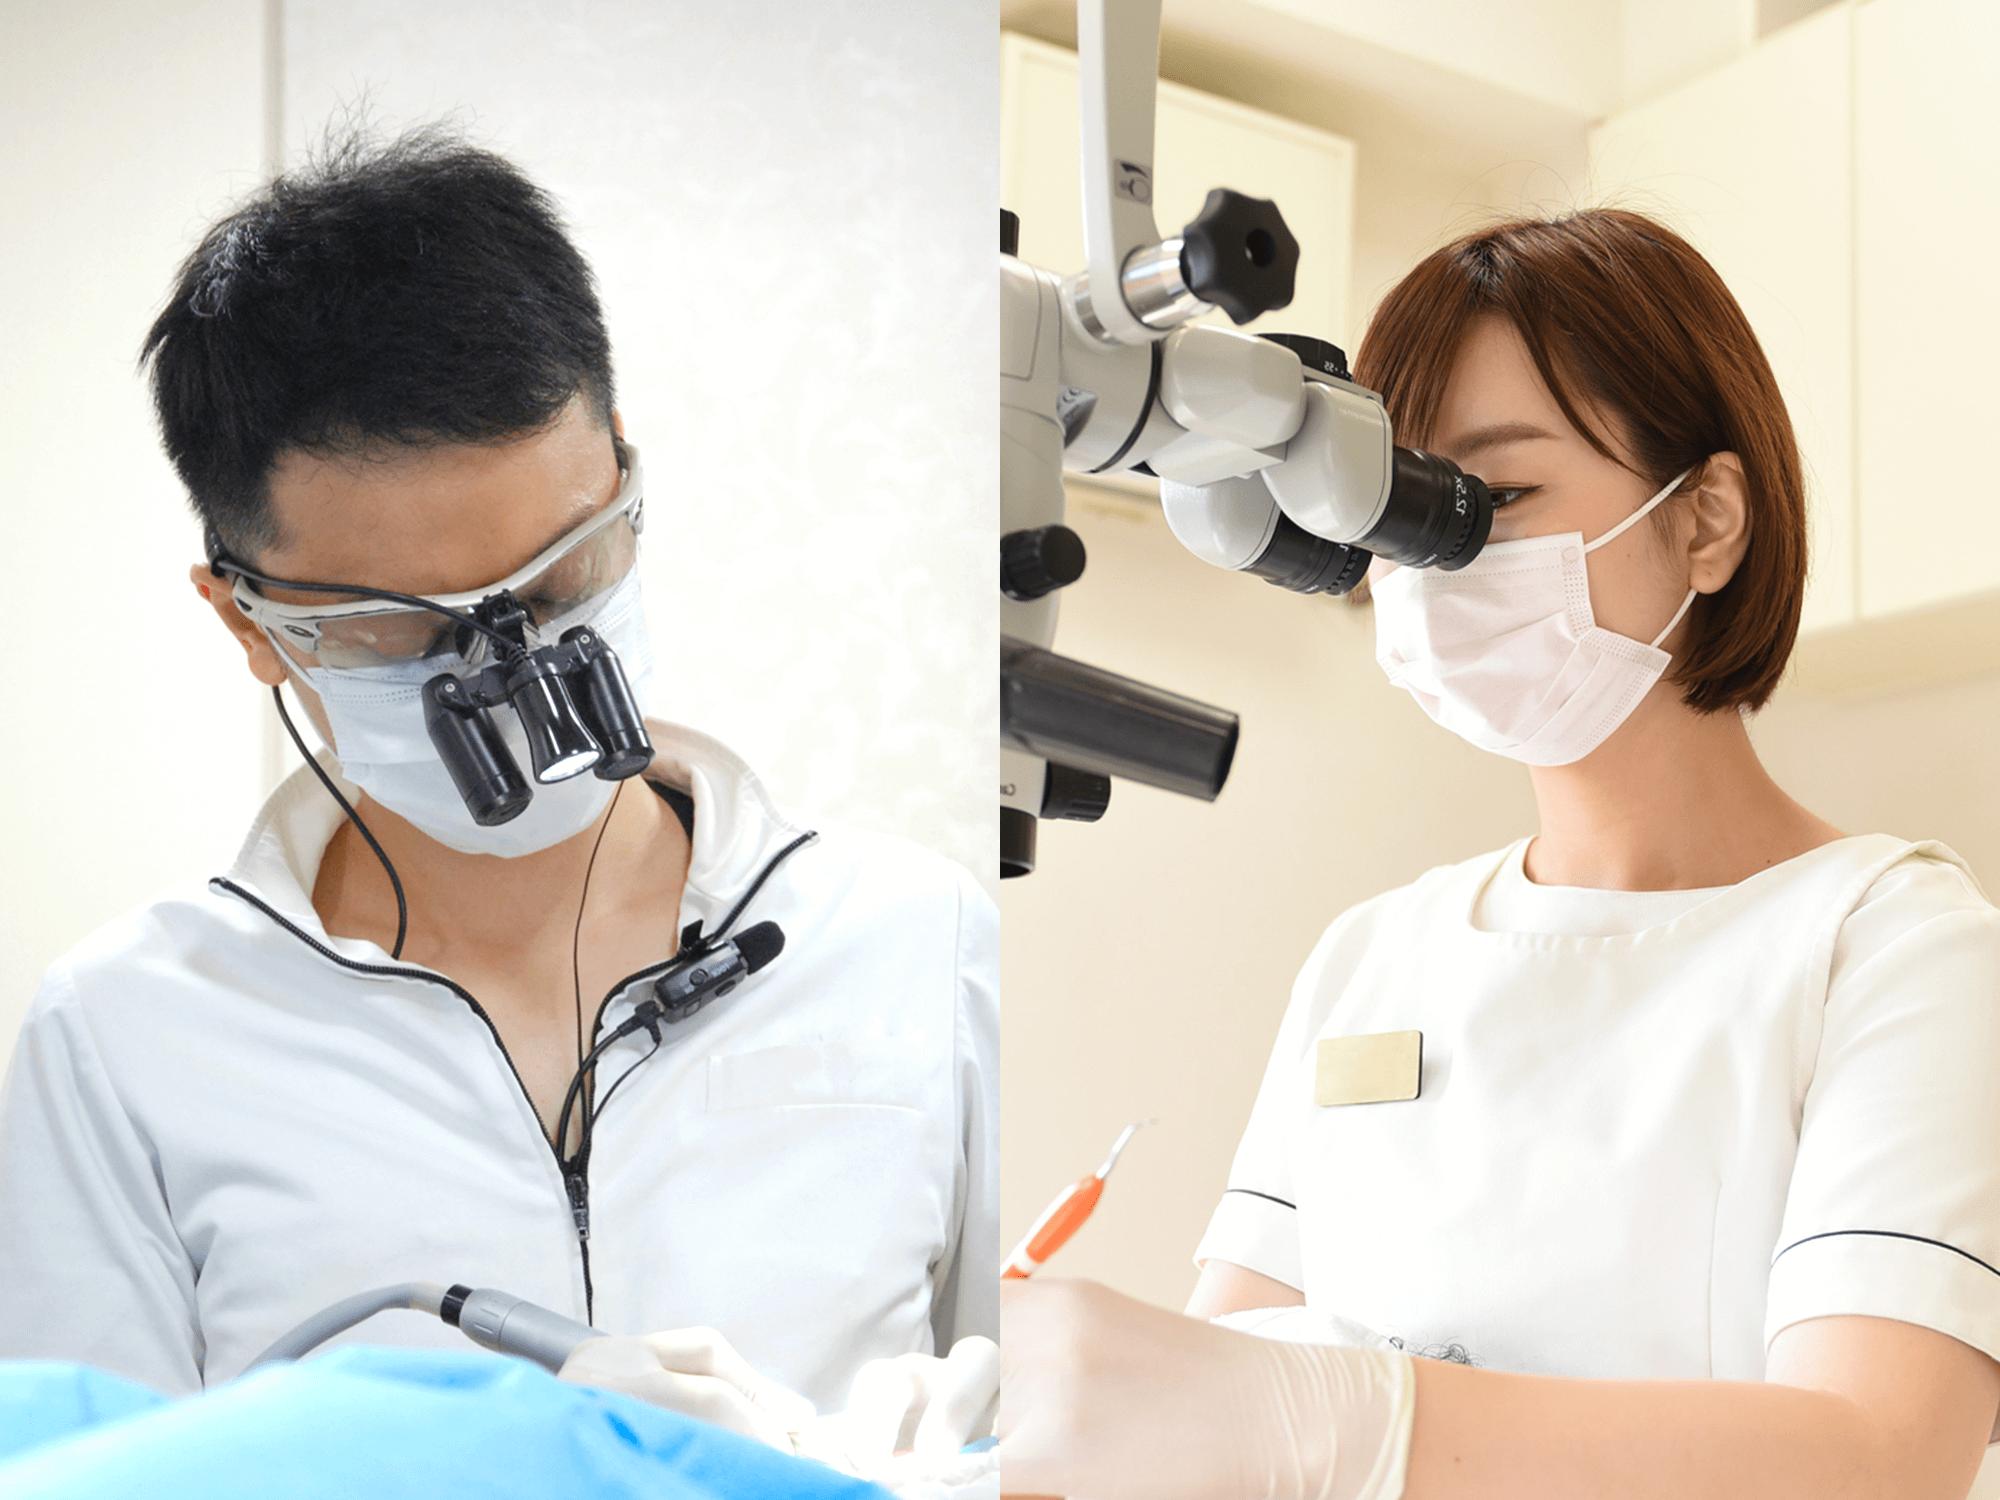 オーラルプロポーションクリニックでは歯科医師、歯科衛生士、受付・歯科助手を募集しています